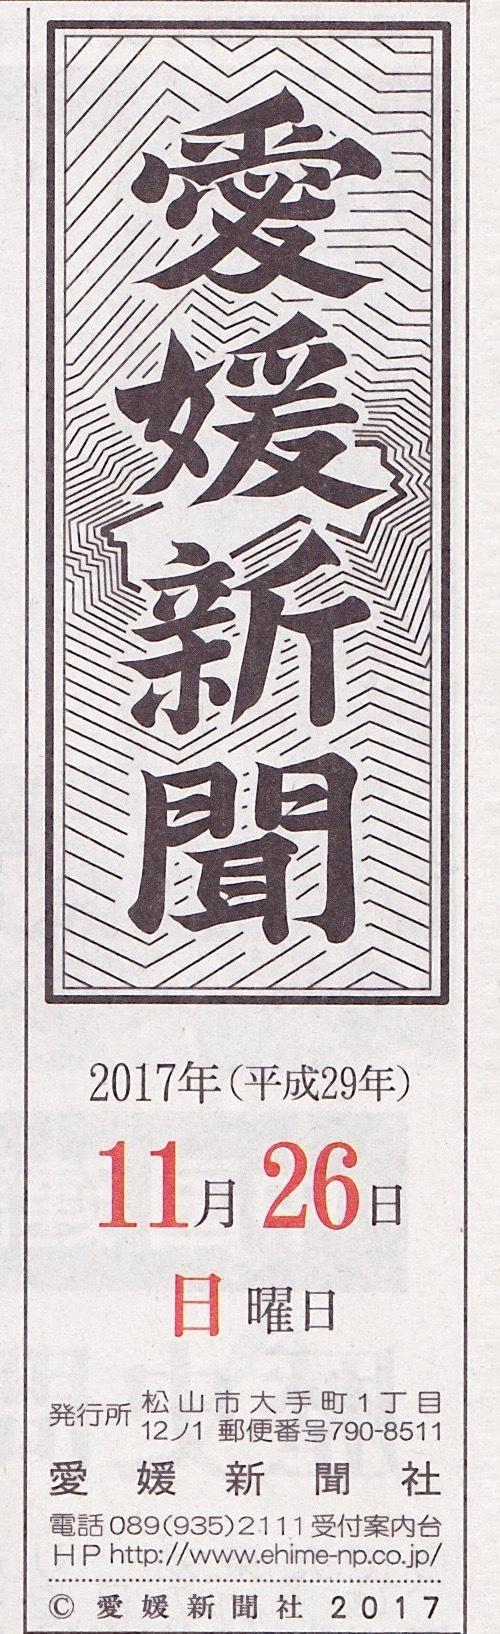 『愛媛新聞』 11月26日 朝刊_c0101406_20464902.jpg